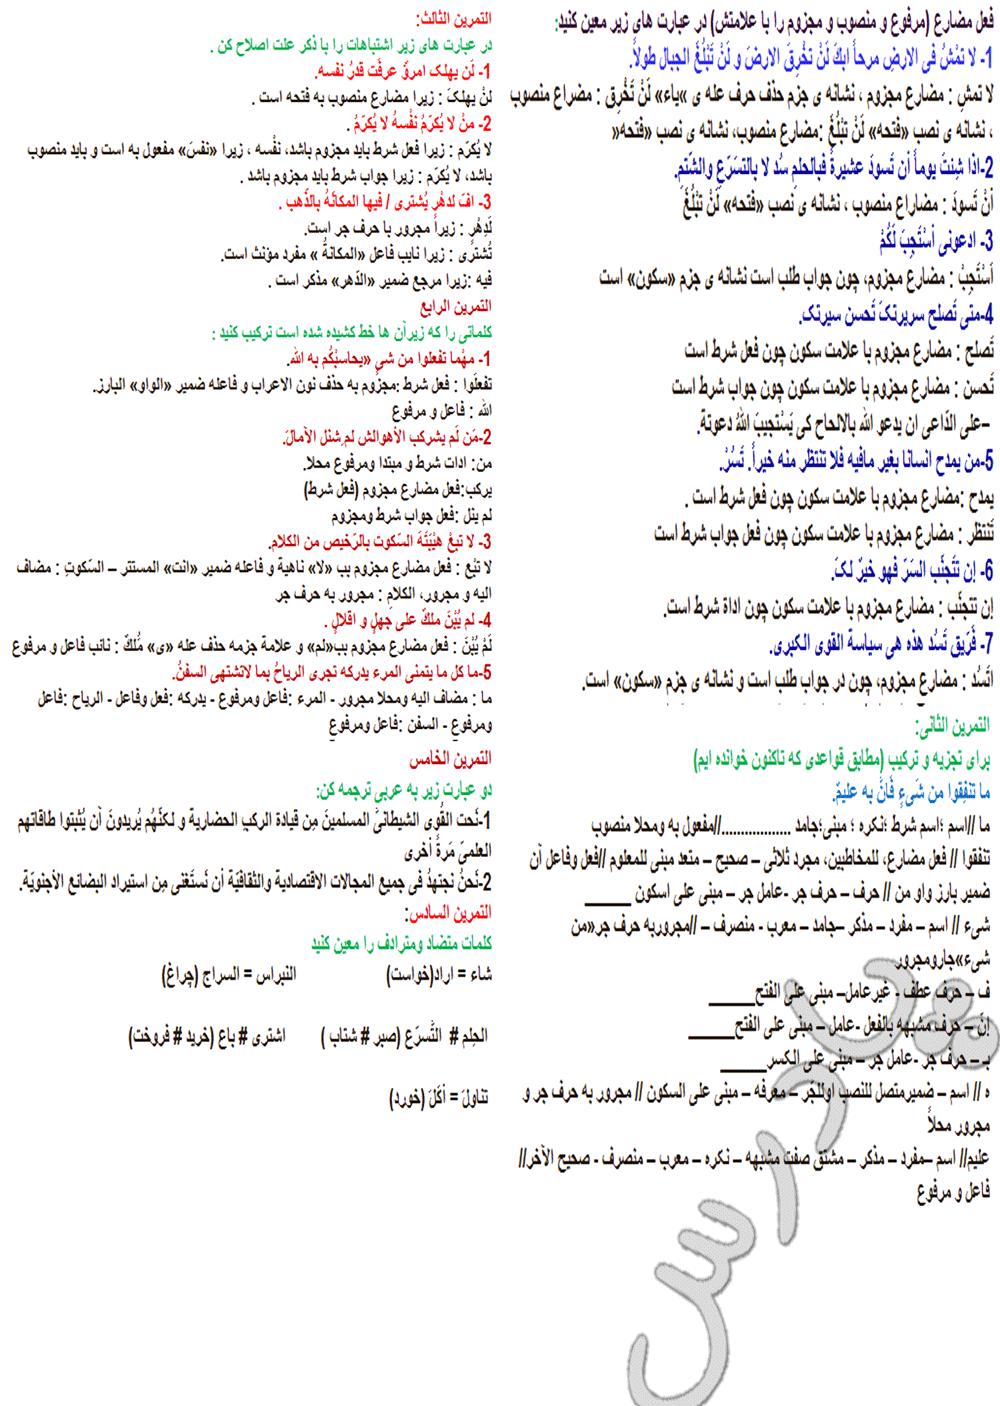 حل تمرینات درس 5 عربی پیش دانشگاهی انسانی